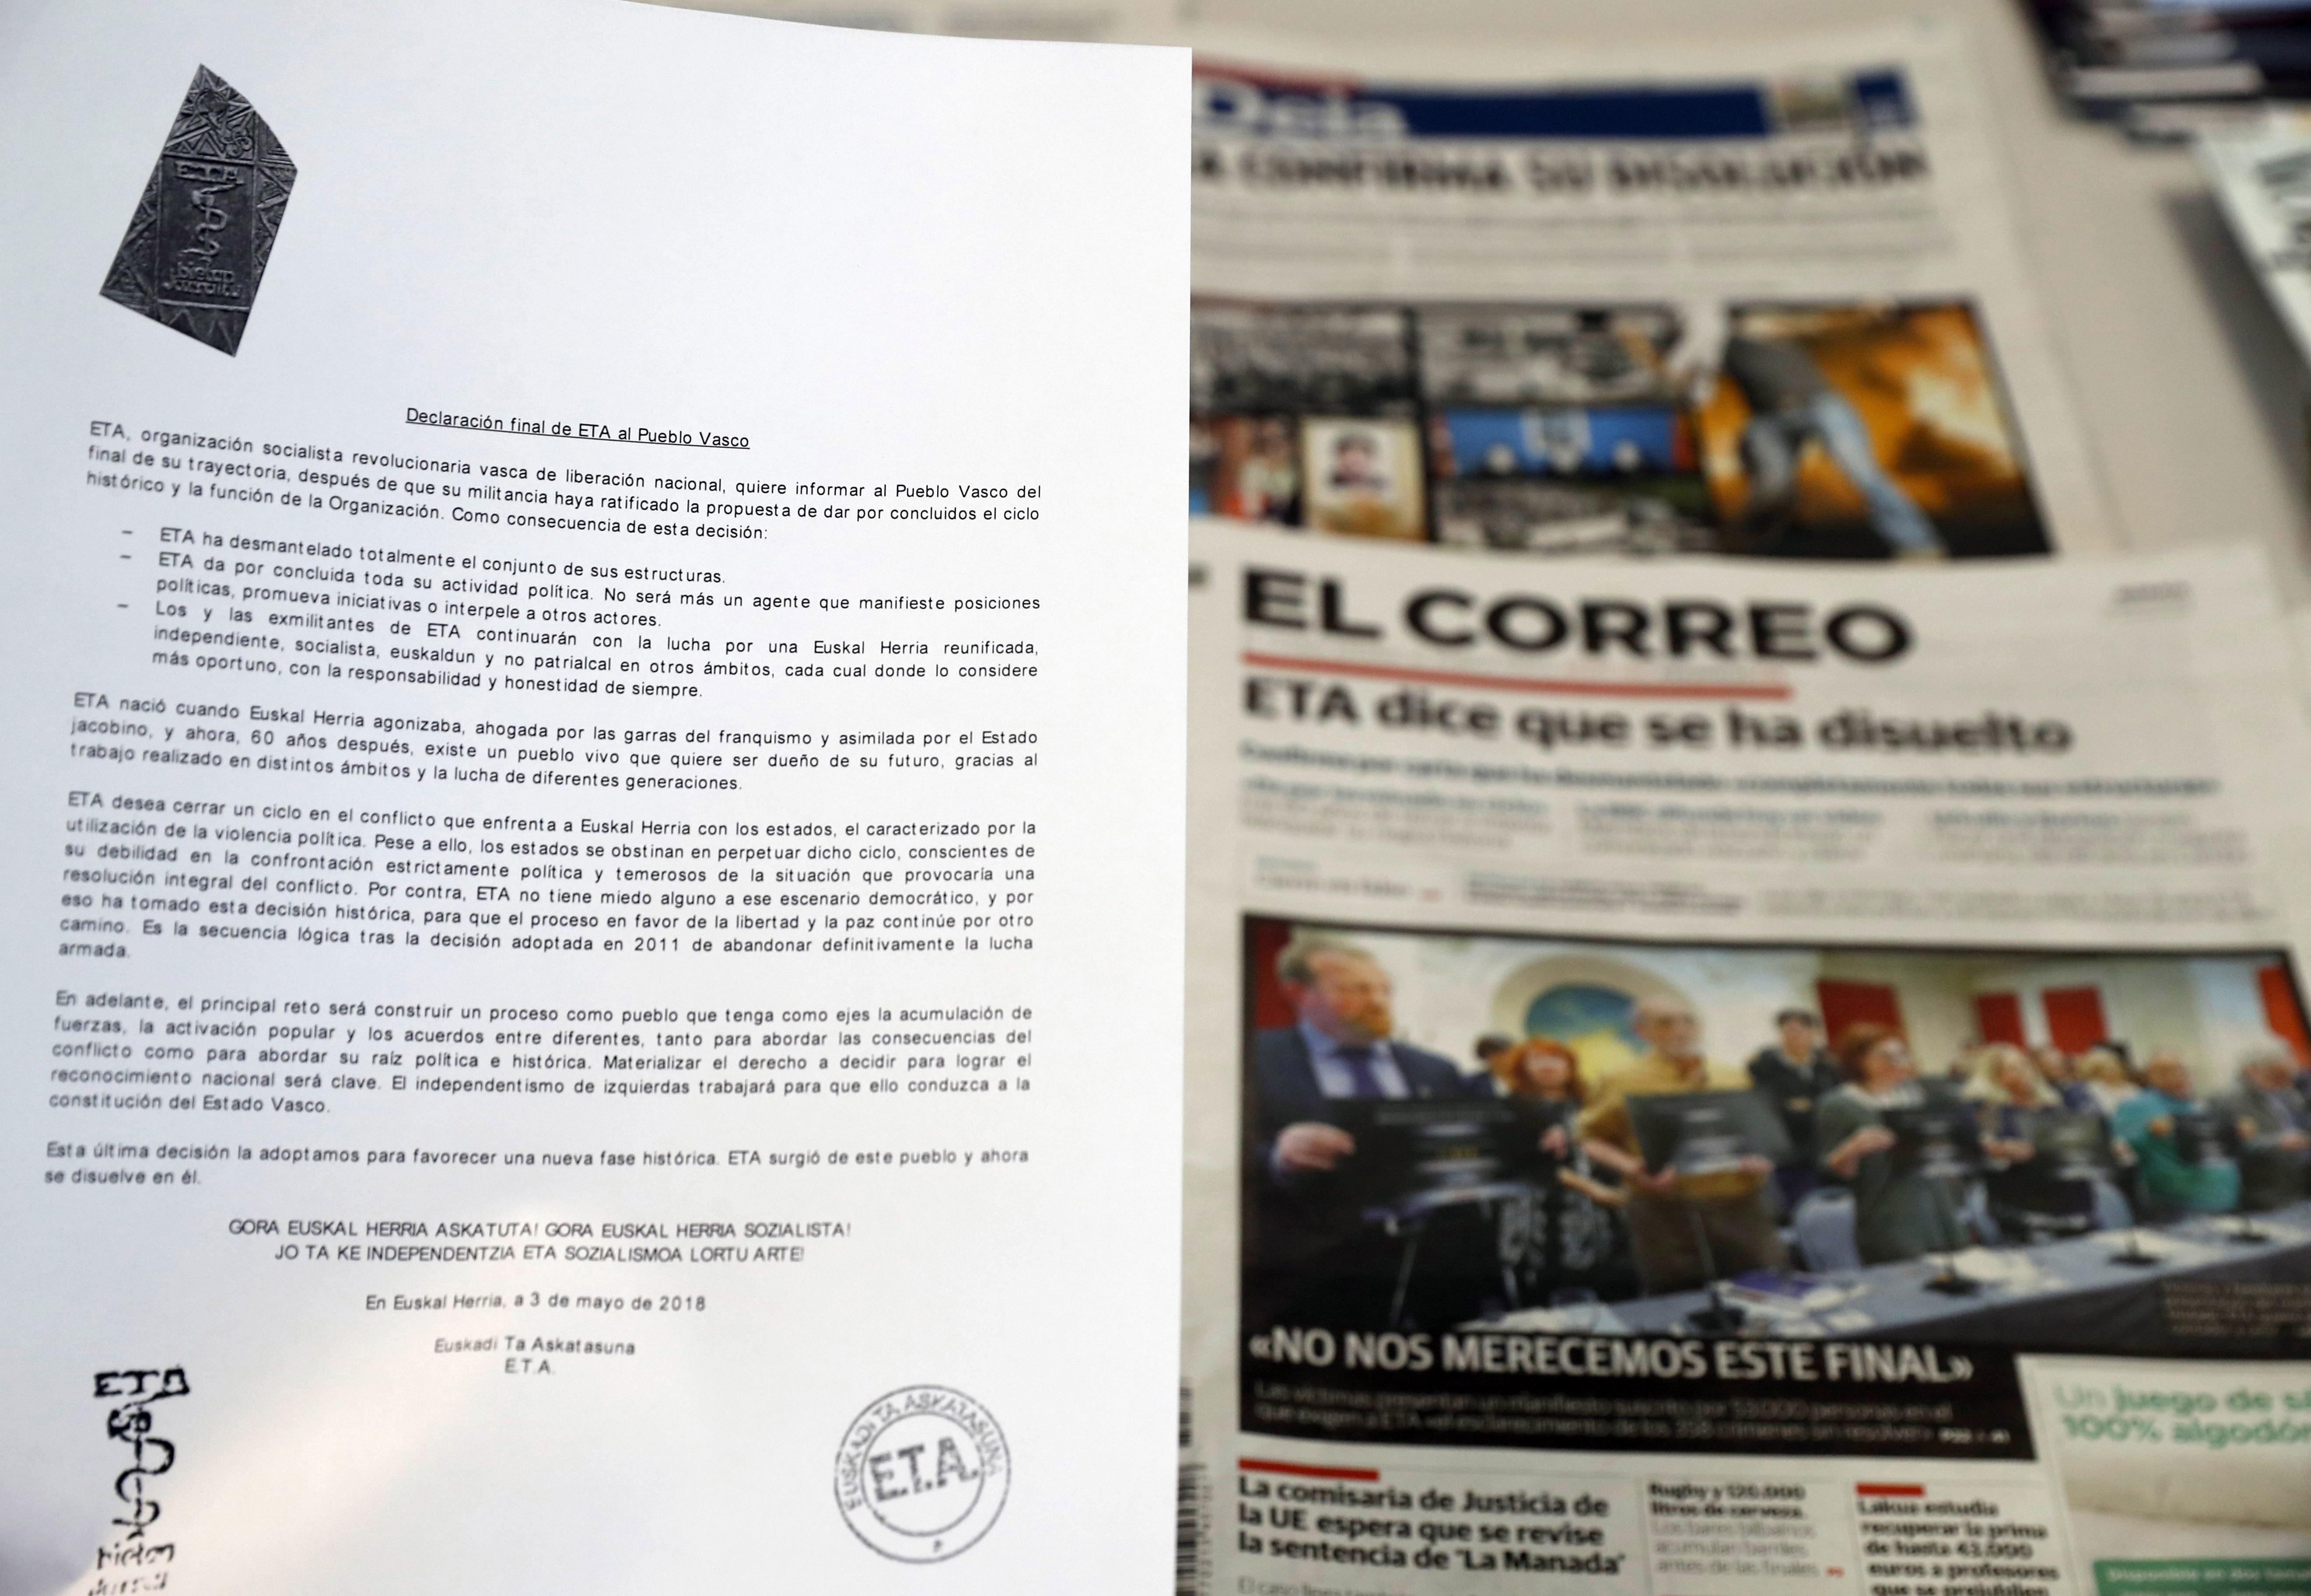 """Comunicado con el que la organización terrorista ETA ha anunciado este 3 de mayo el """"final de su..."""